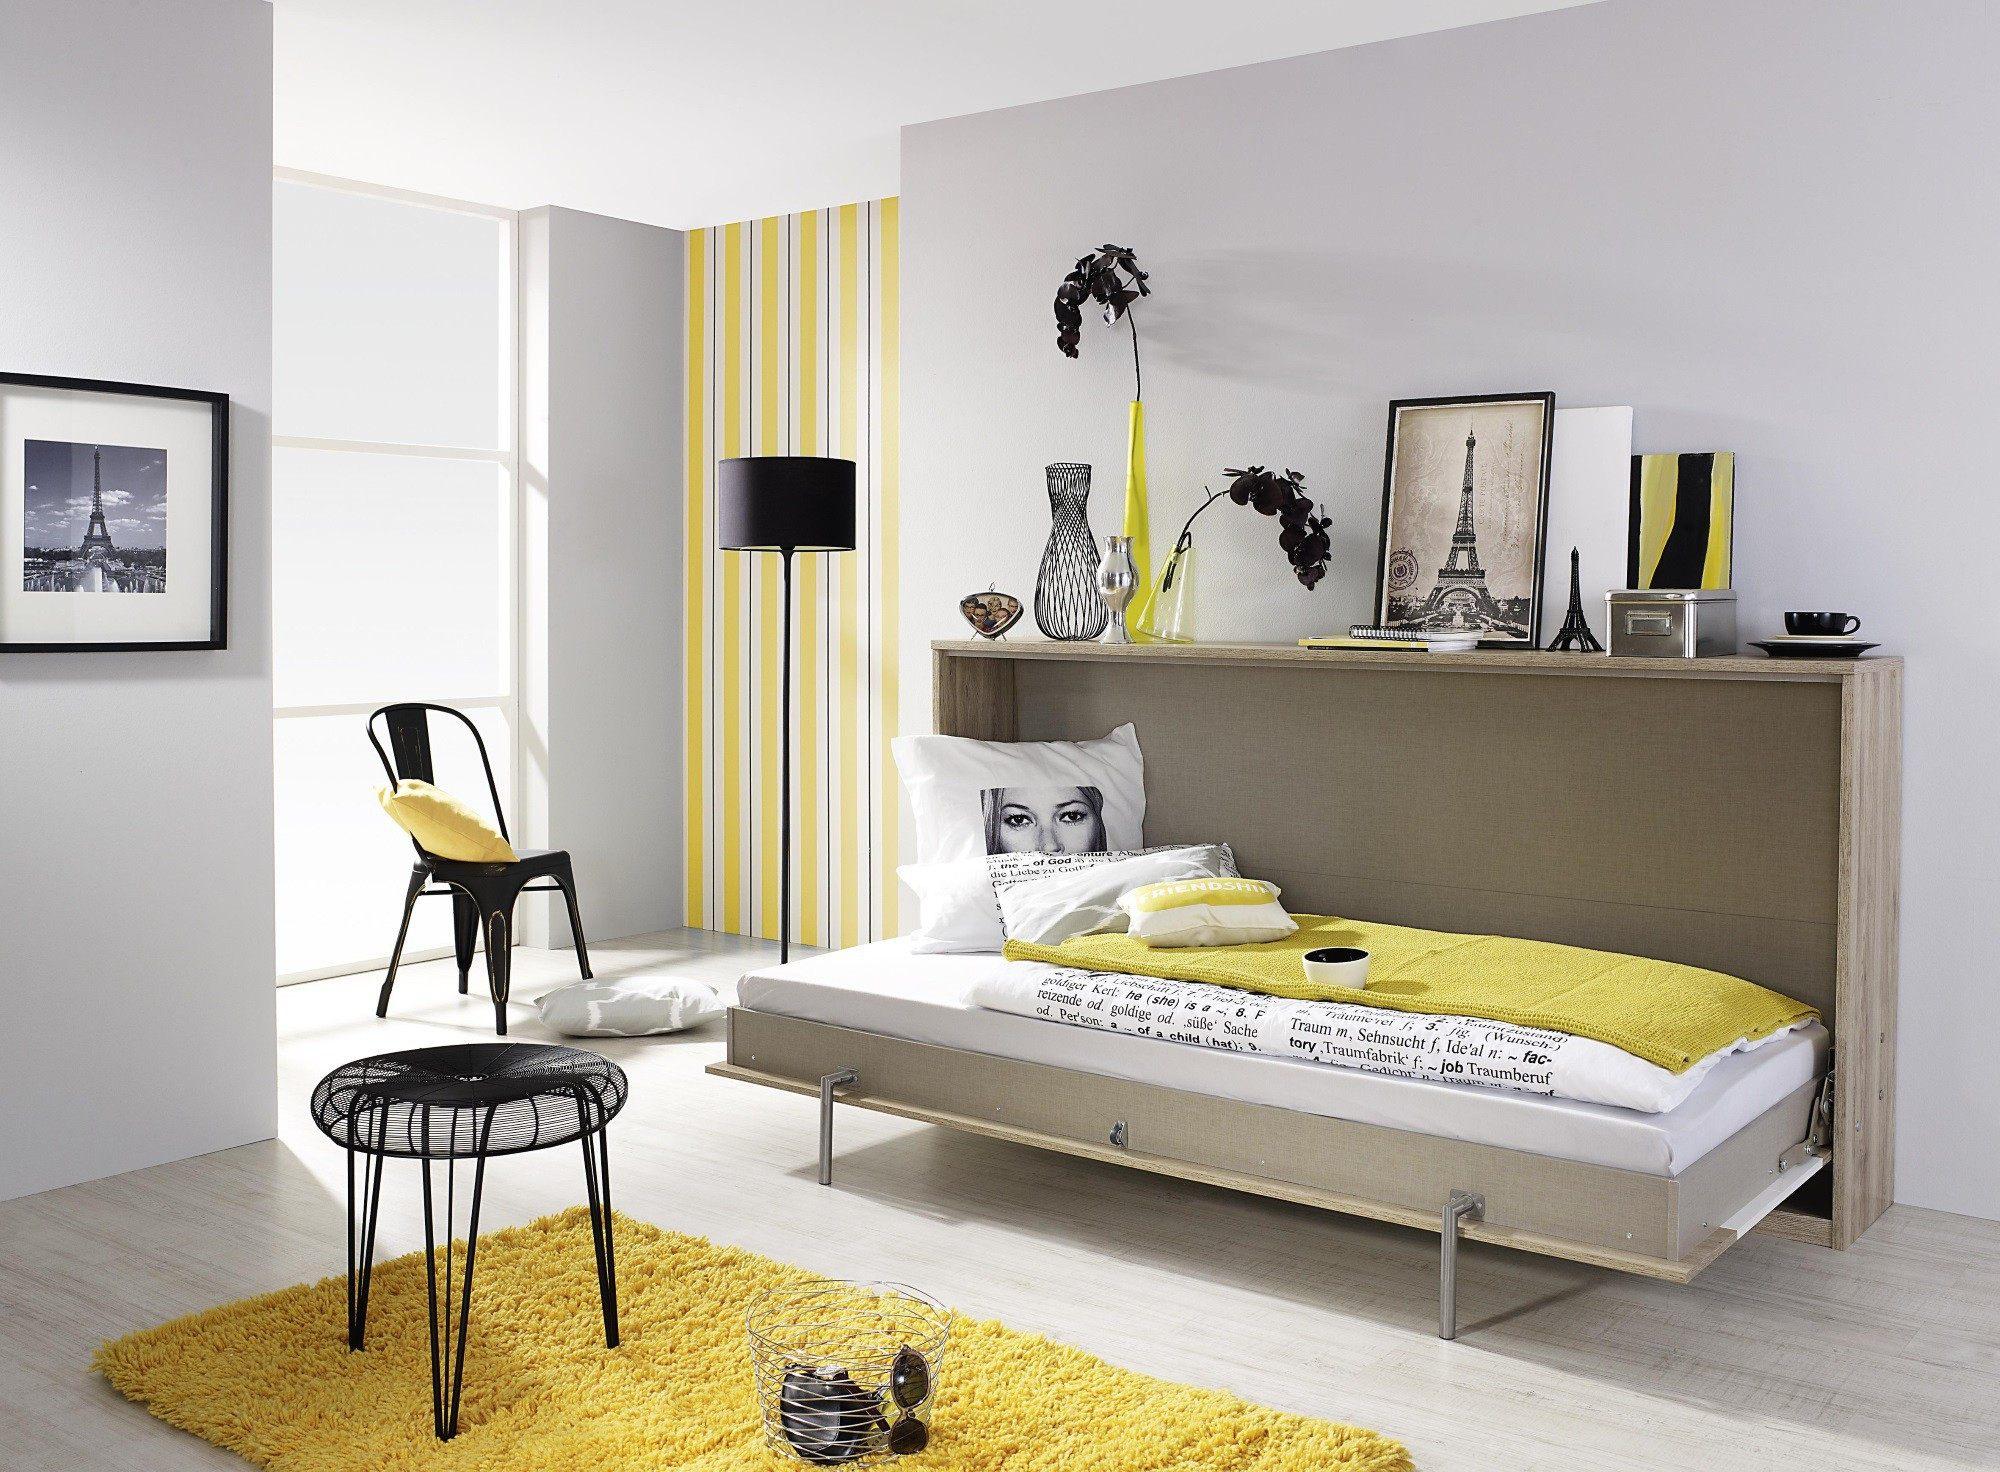 Lit Bas Ikea Meilleur De Entra Nant Armoire 2 Portes Coulissantes Ikea  Armoire Ikea Ch